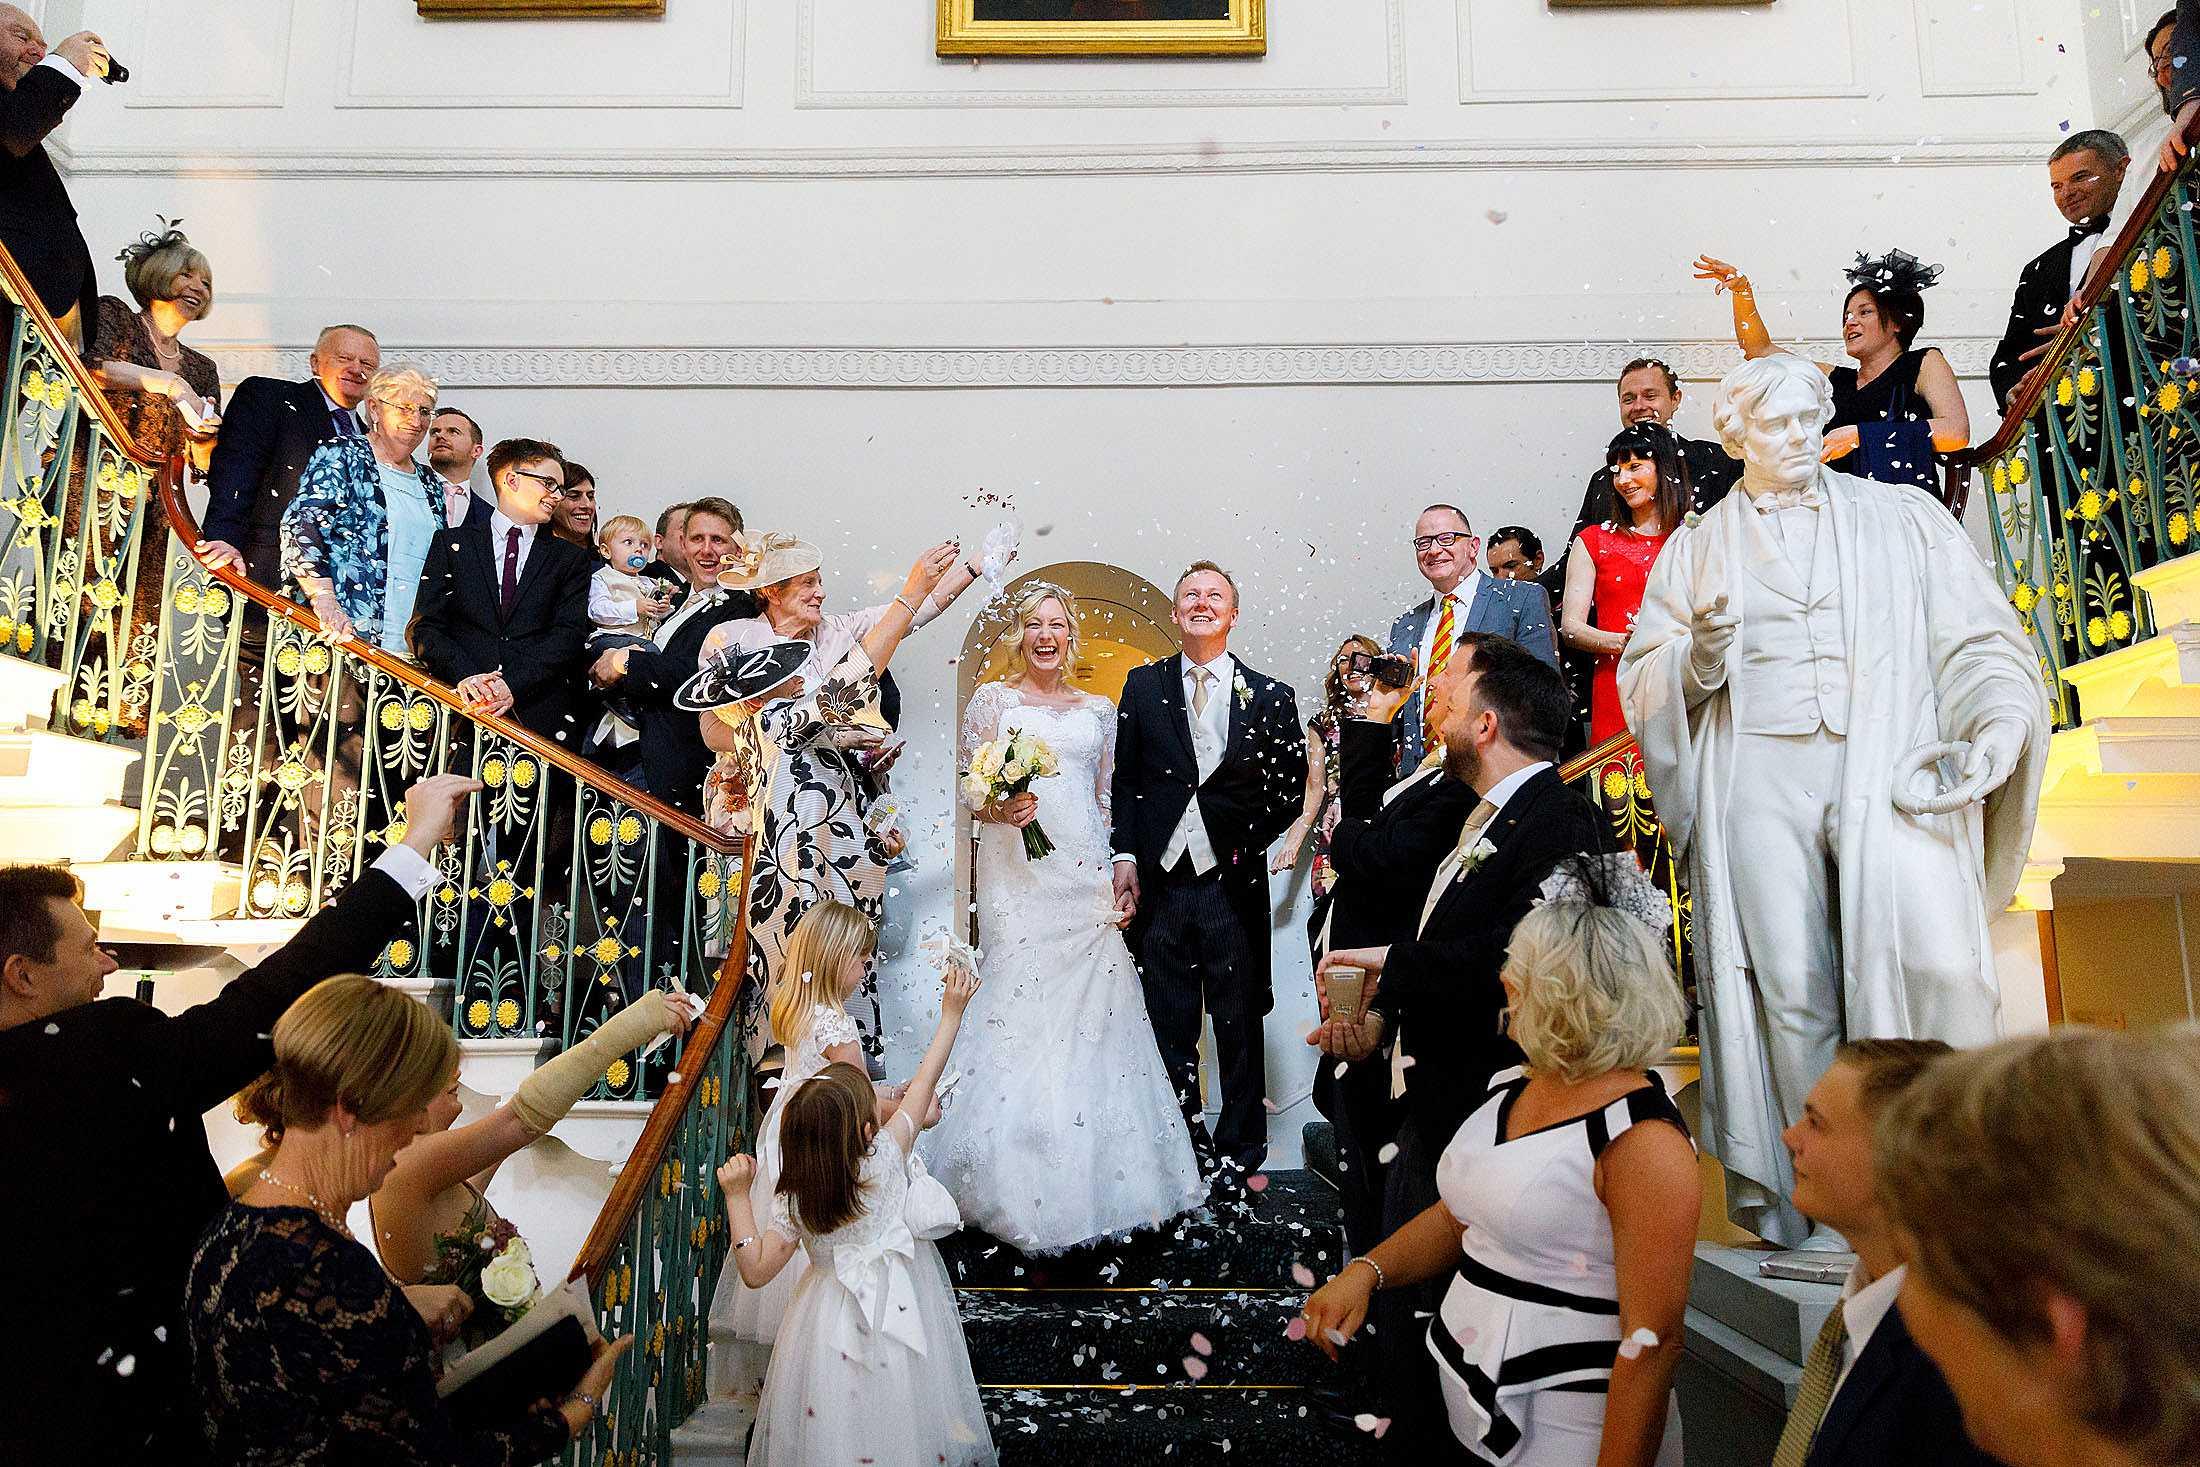 RAC London wedding photography of Zoe & Simon